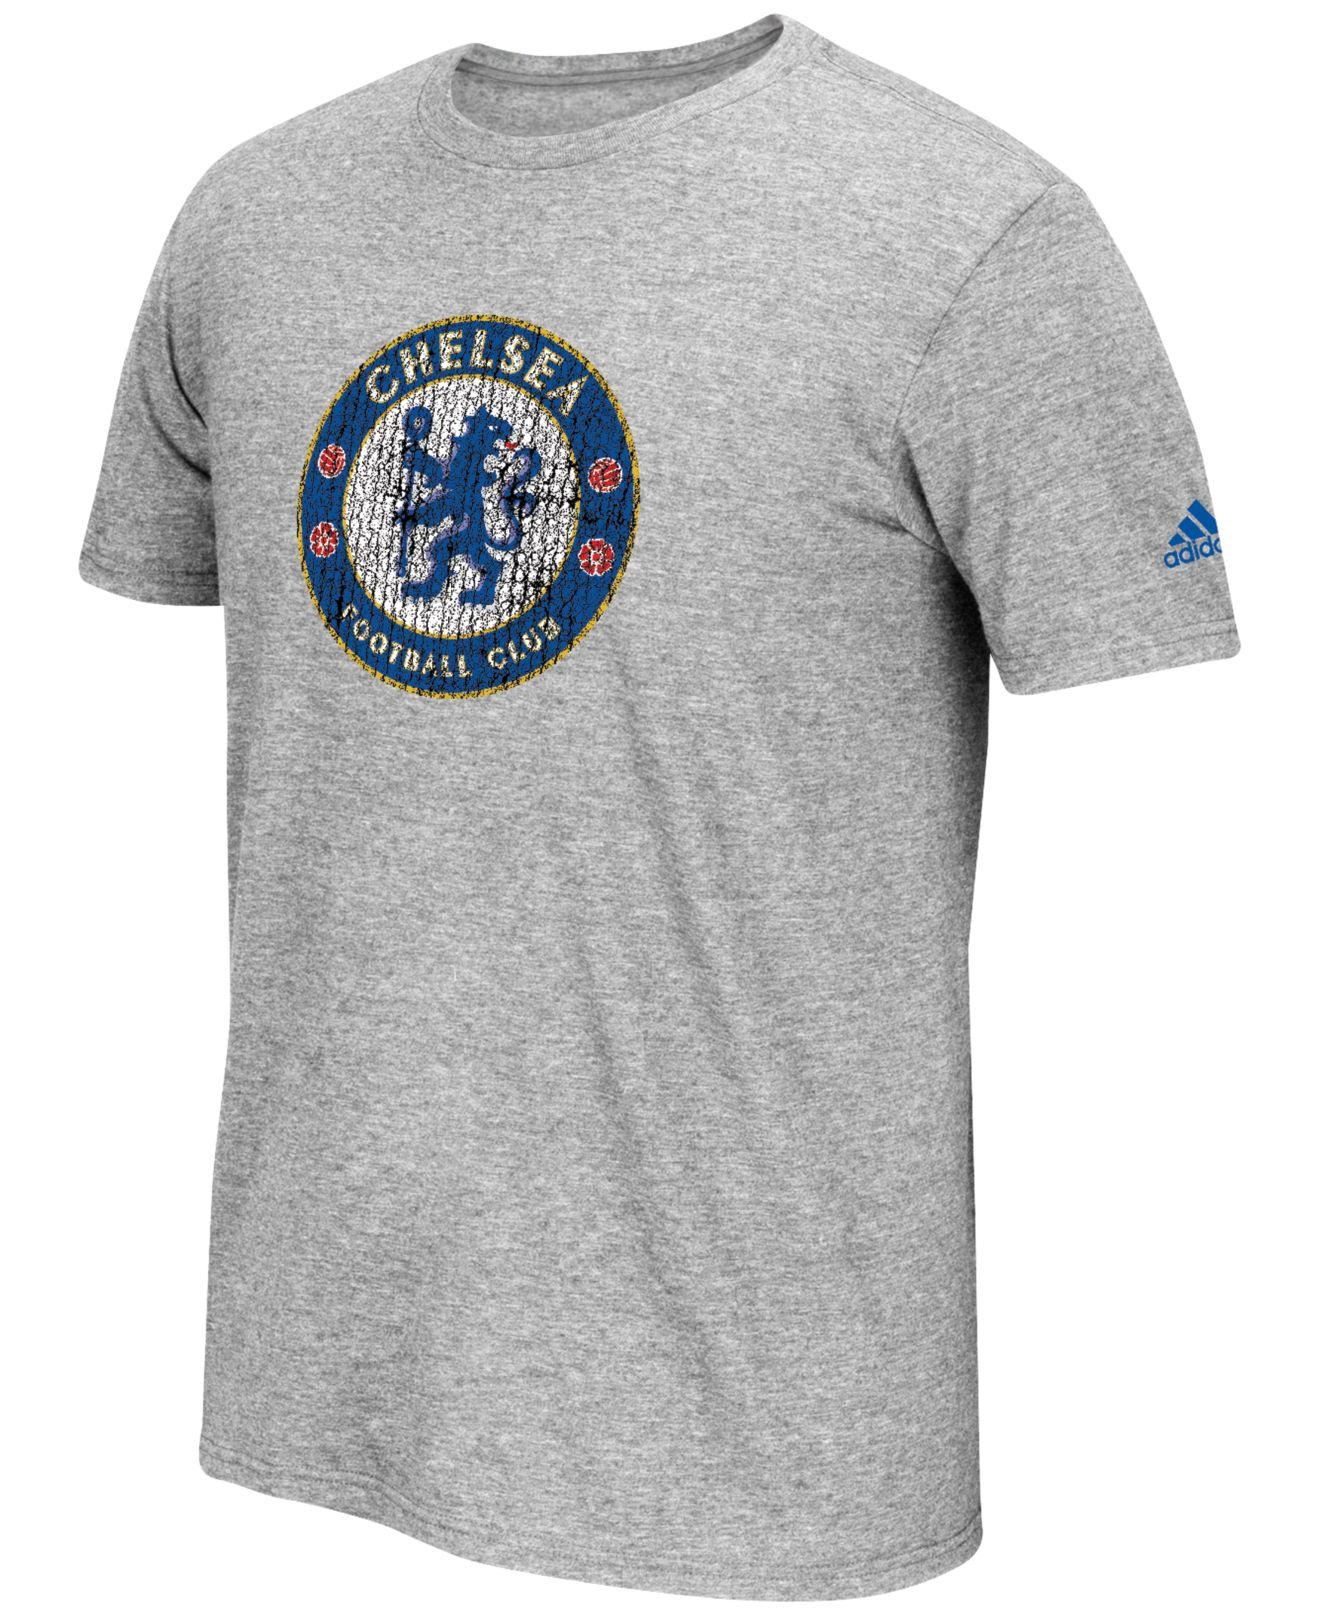 Adidas Chelsea Adidas Originals Originals Chelsea T shirt shirt T 5Yq1q